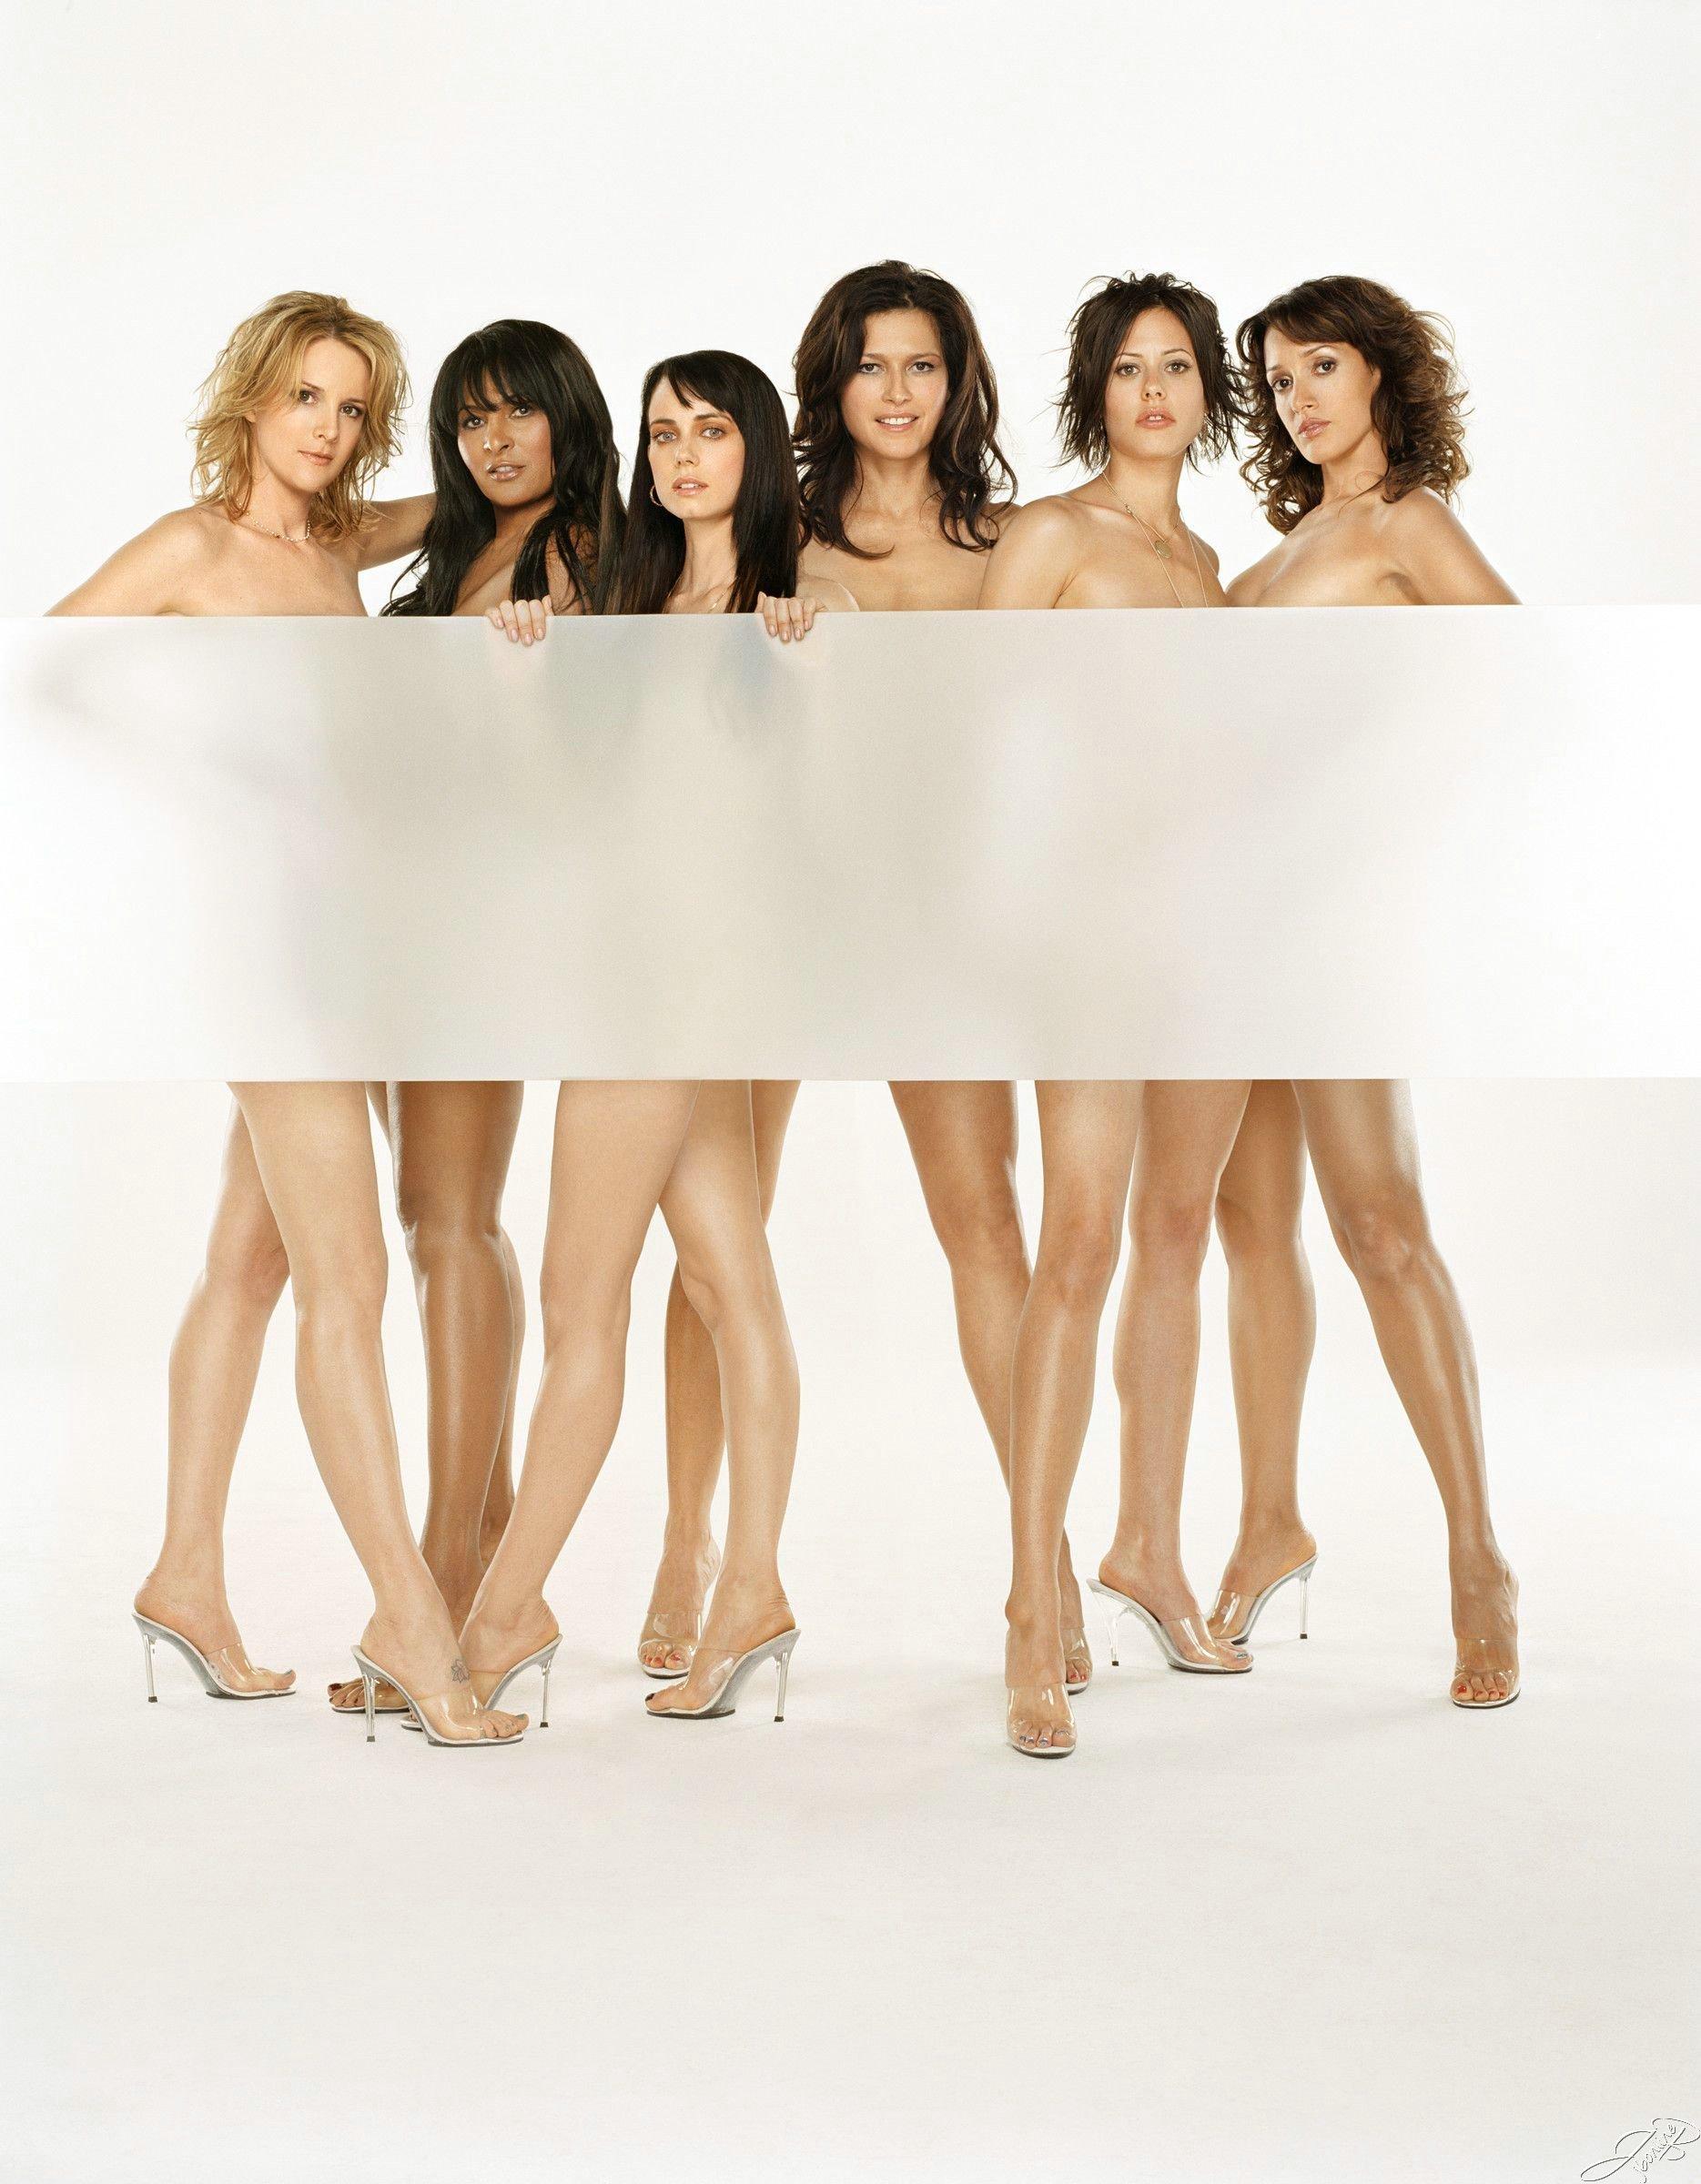 Jennifer beals l word nude scenes